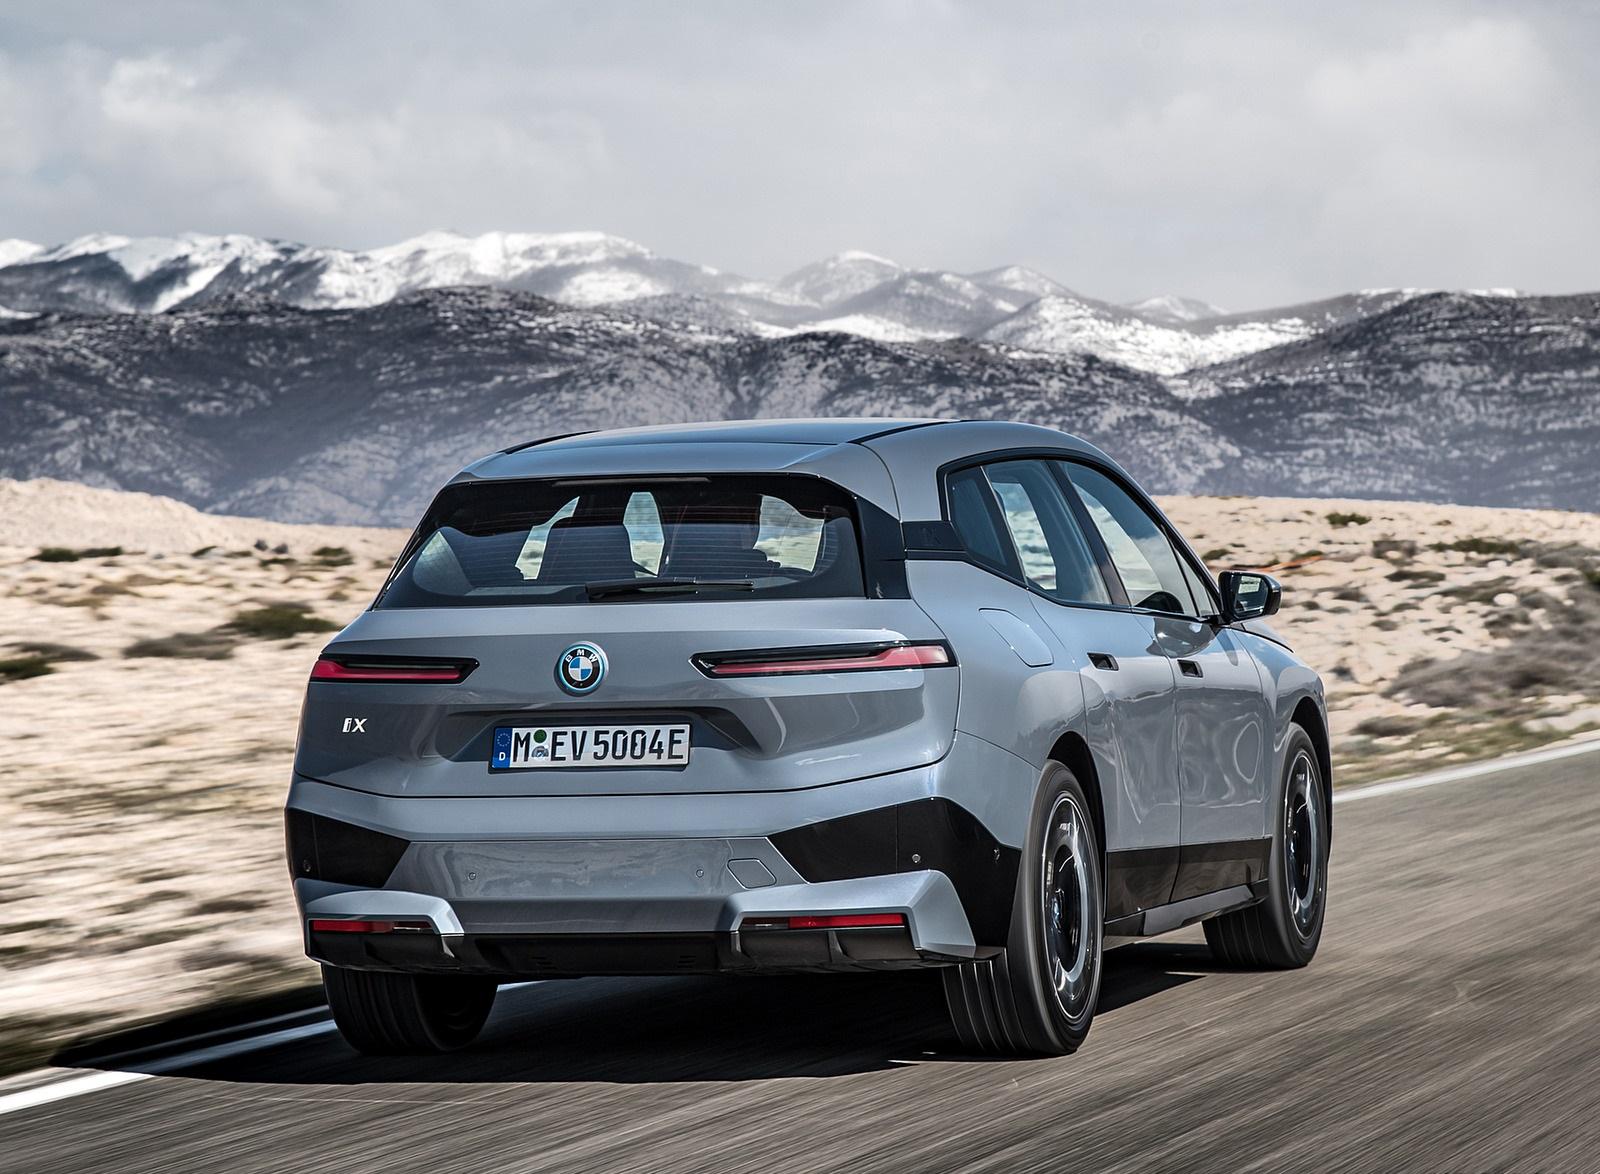 2022 BMW iX xDrive50 Rear Wallpapers (5)